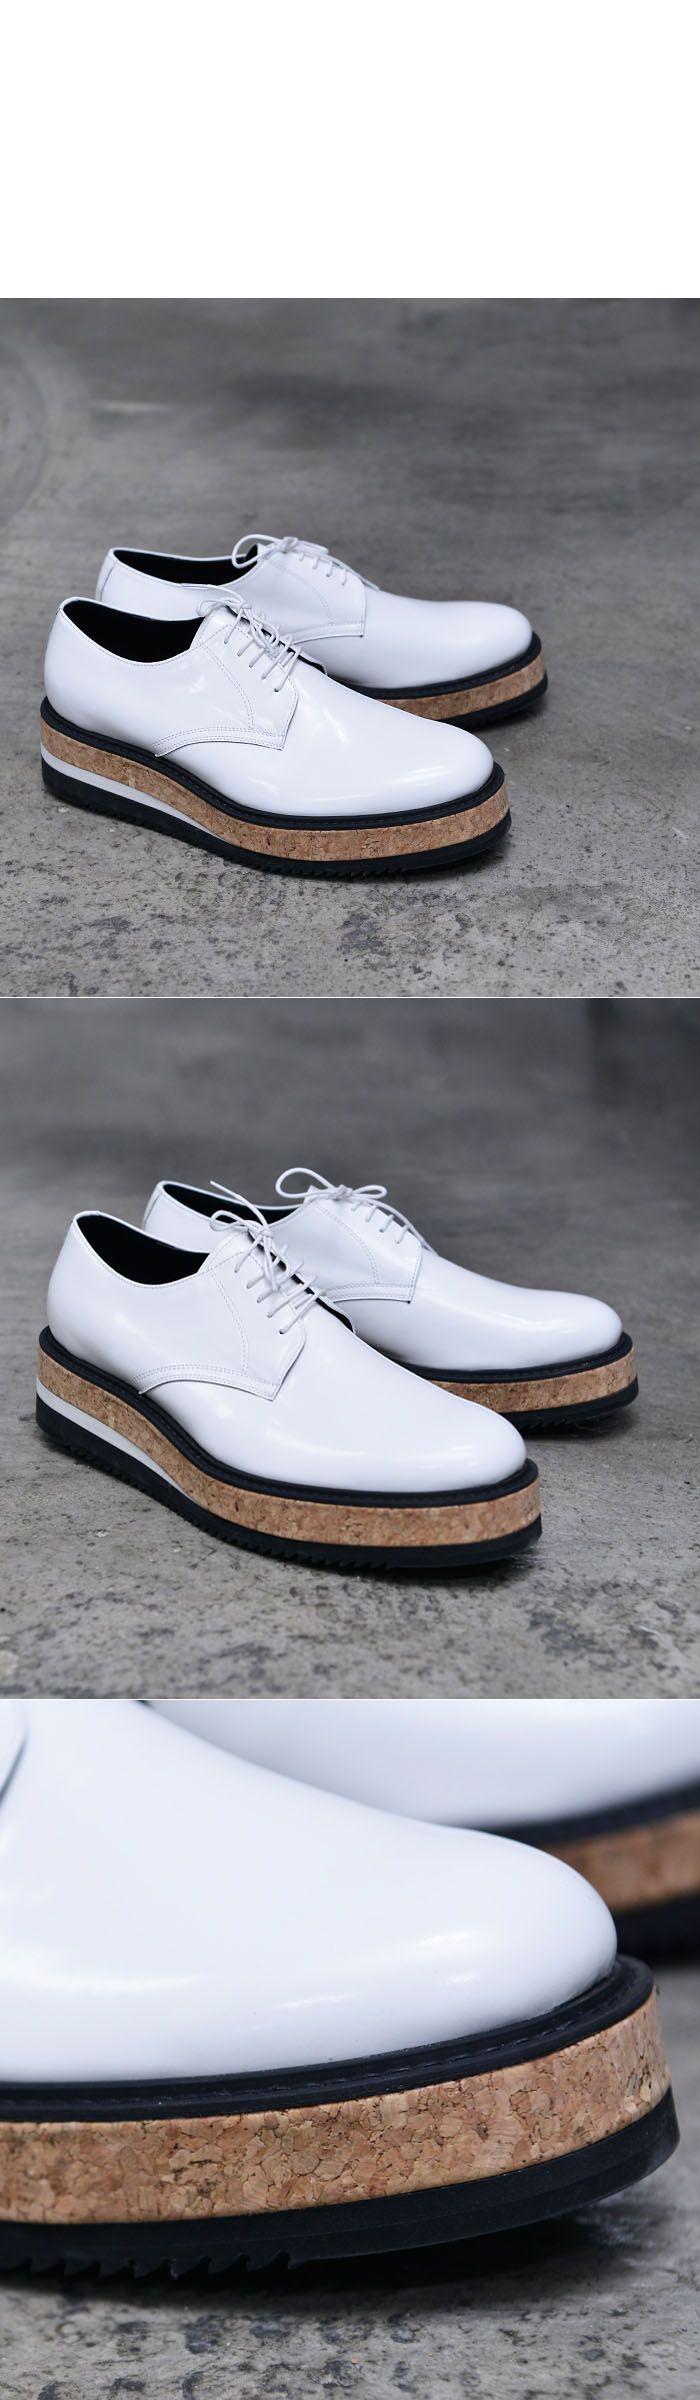 5cm Monster Heel White Creeper-Shoes 653 - GUYLOOK